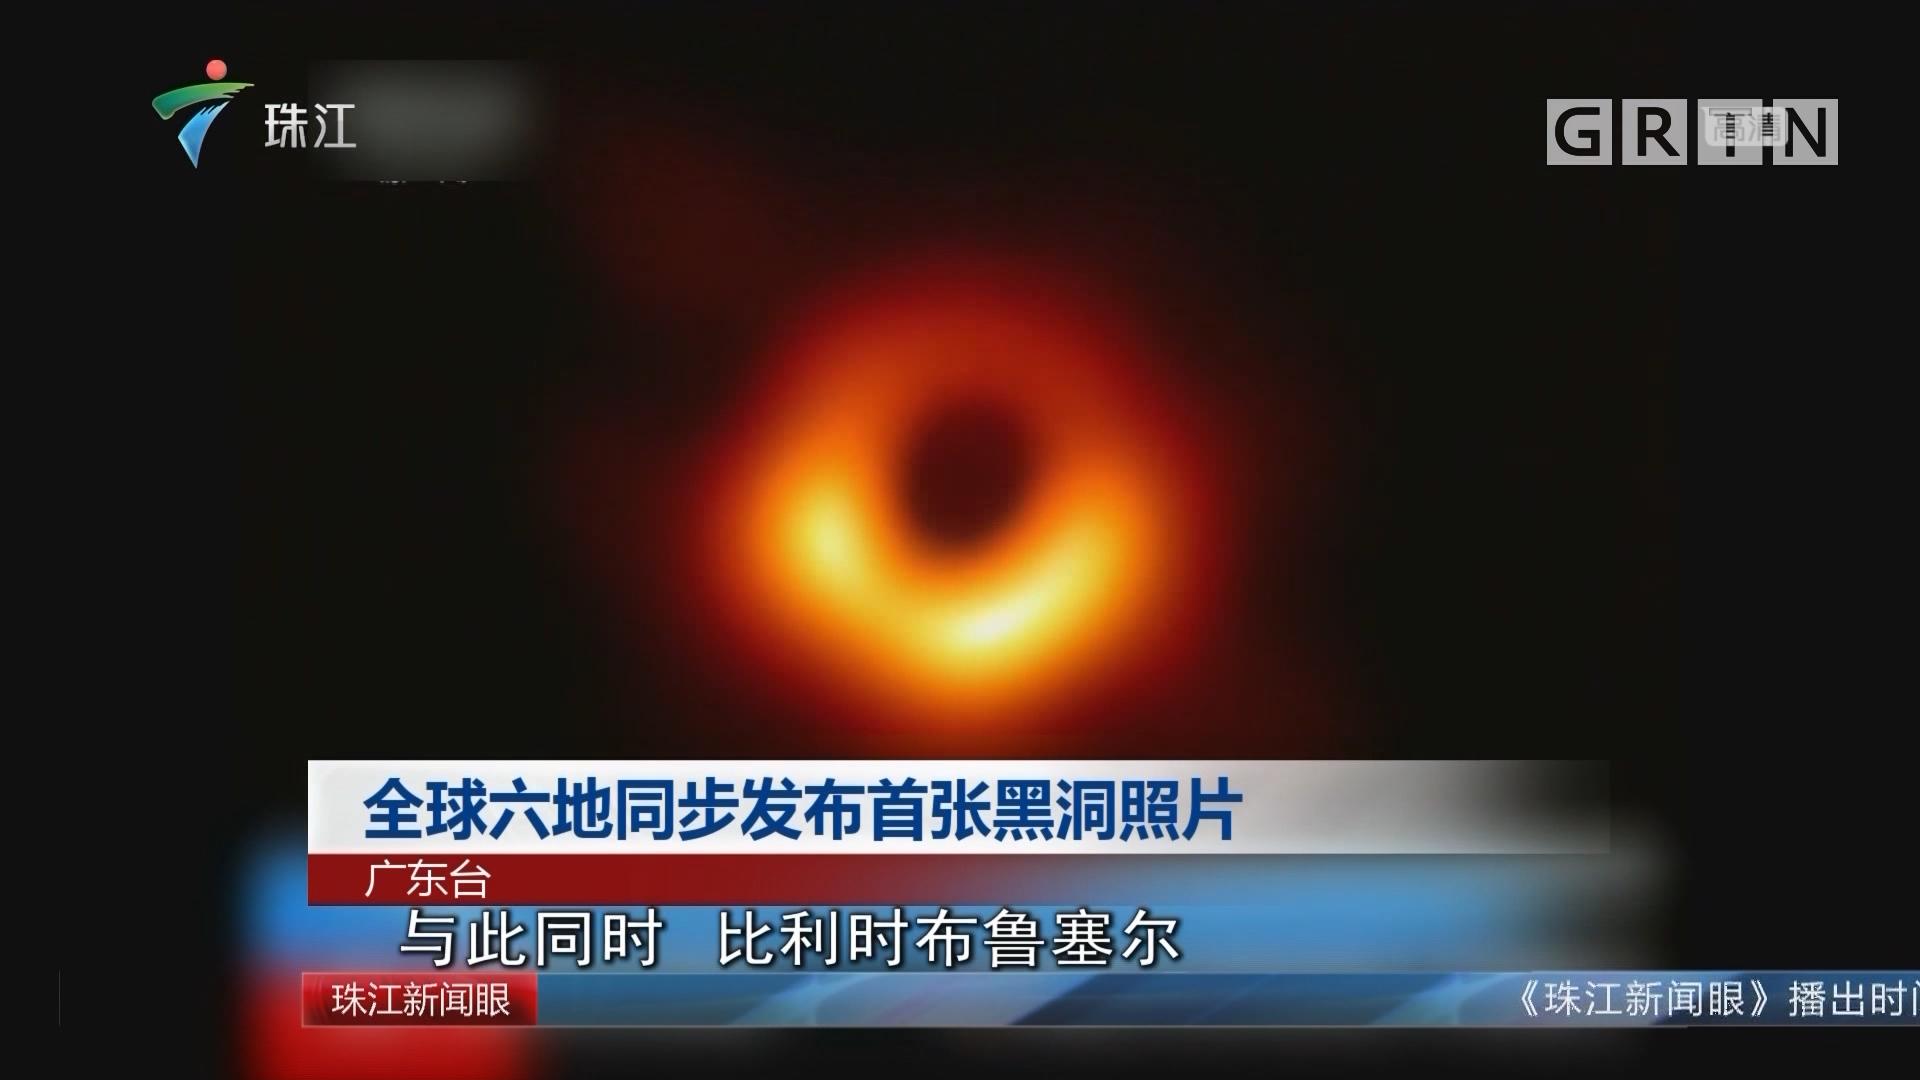 全球六地同步发布首张黑洞照片